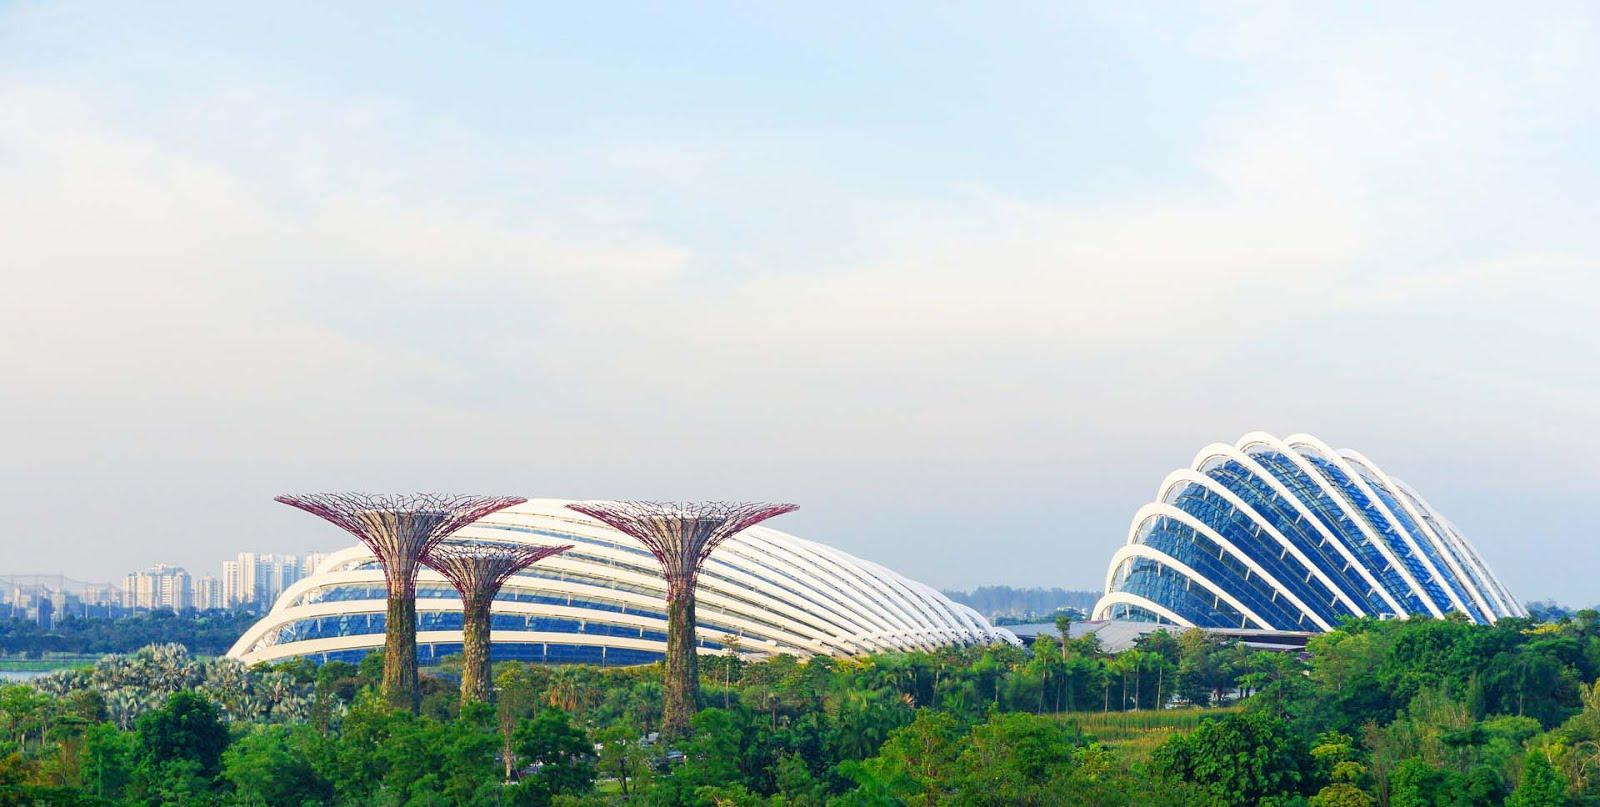 Fakta lain tentang Flower Dome, Harga Tiket dan Jam Operasional Flower Dome, Flower Dome ini merupakan sebuah tempat yang unik dan mempesona yang wajib kalian kunjungi kalau liburan ke Singapura